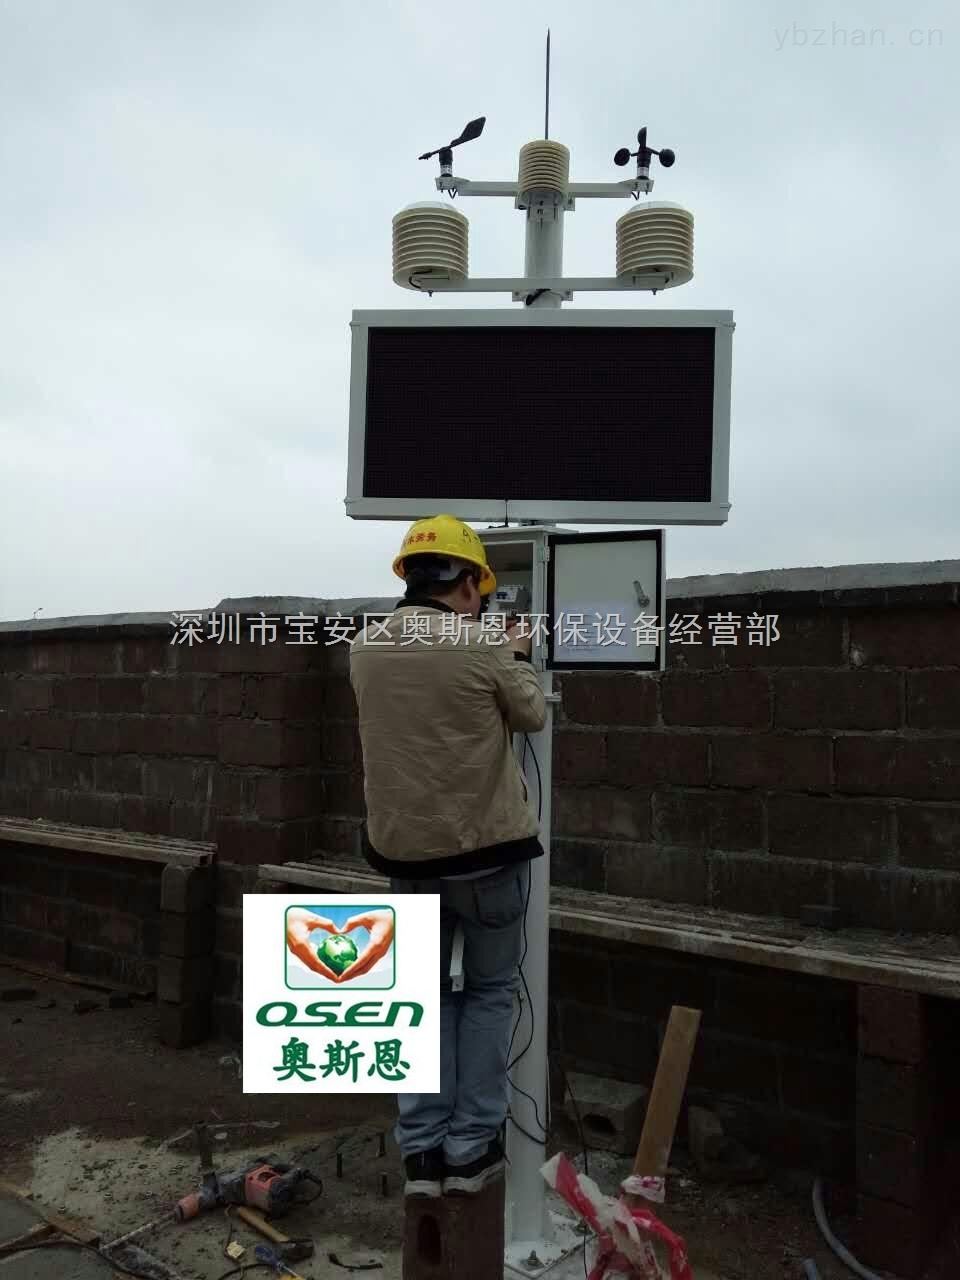 OSEN-YZ揚塵監測系統-武鳴工地揚塵噪聲污染在線監測系統 含氣象參數 數據實時傳輸